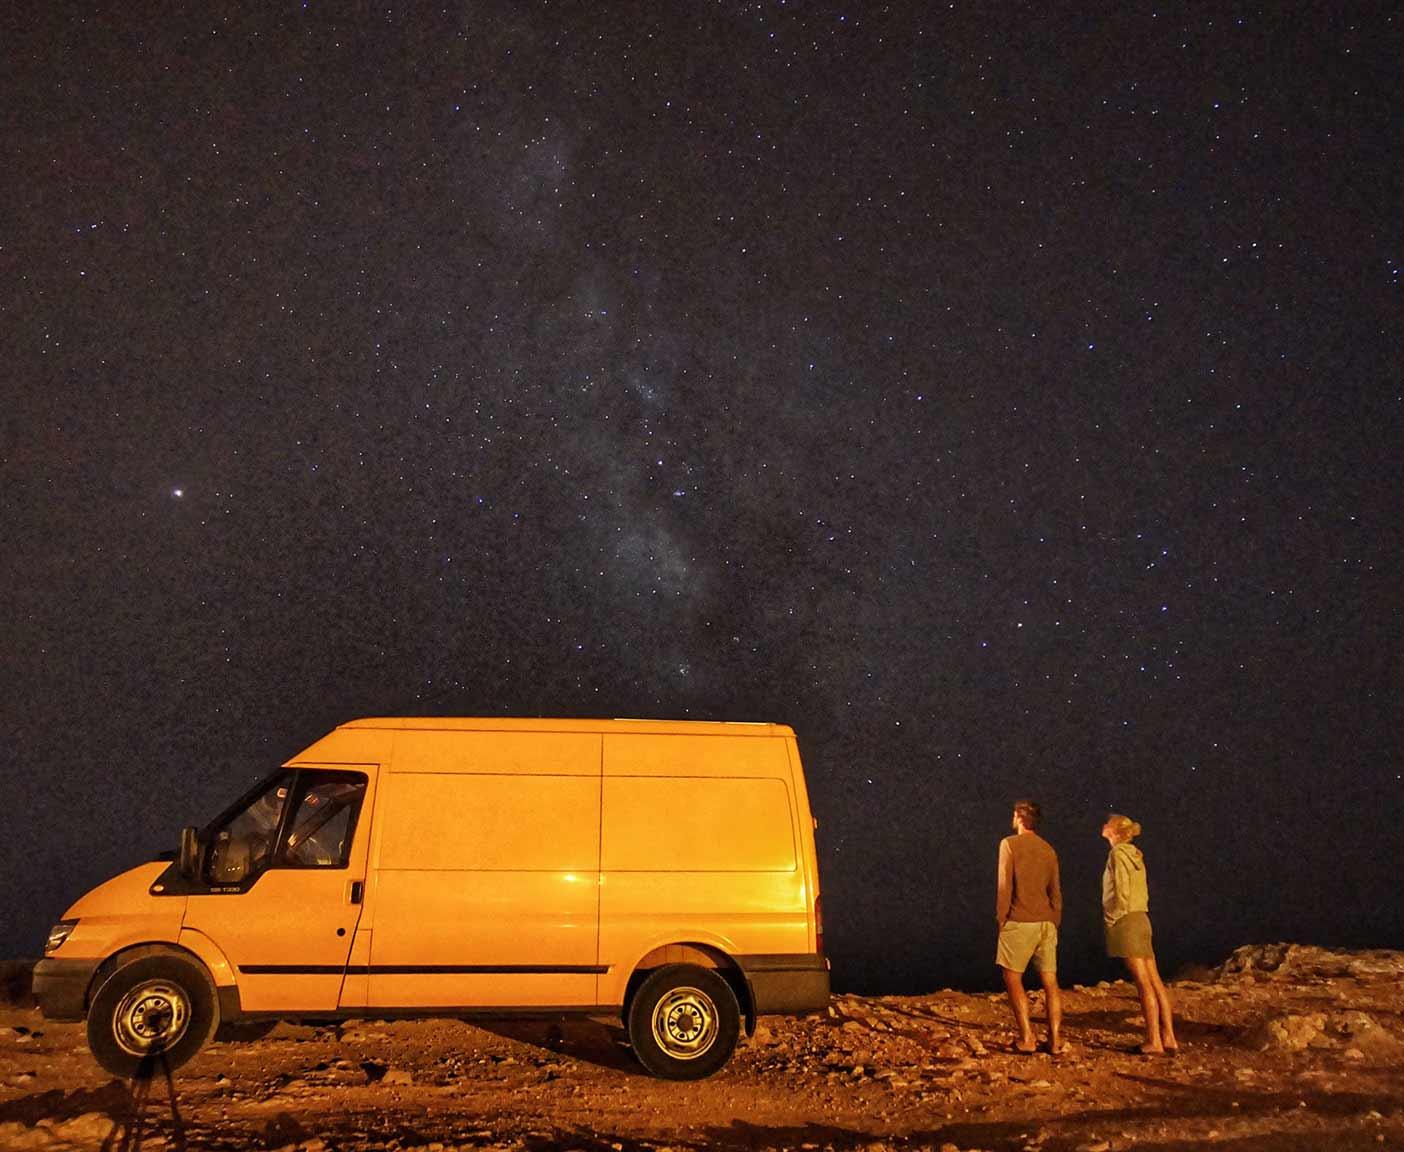 Ford-Transit-van-kaufen-sternenhimmel-campen-nacht-wild-campen-pärchen-camper